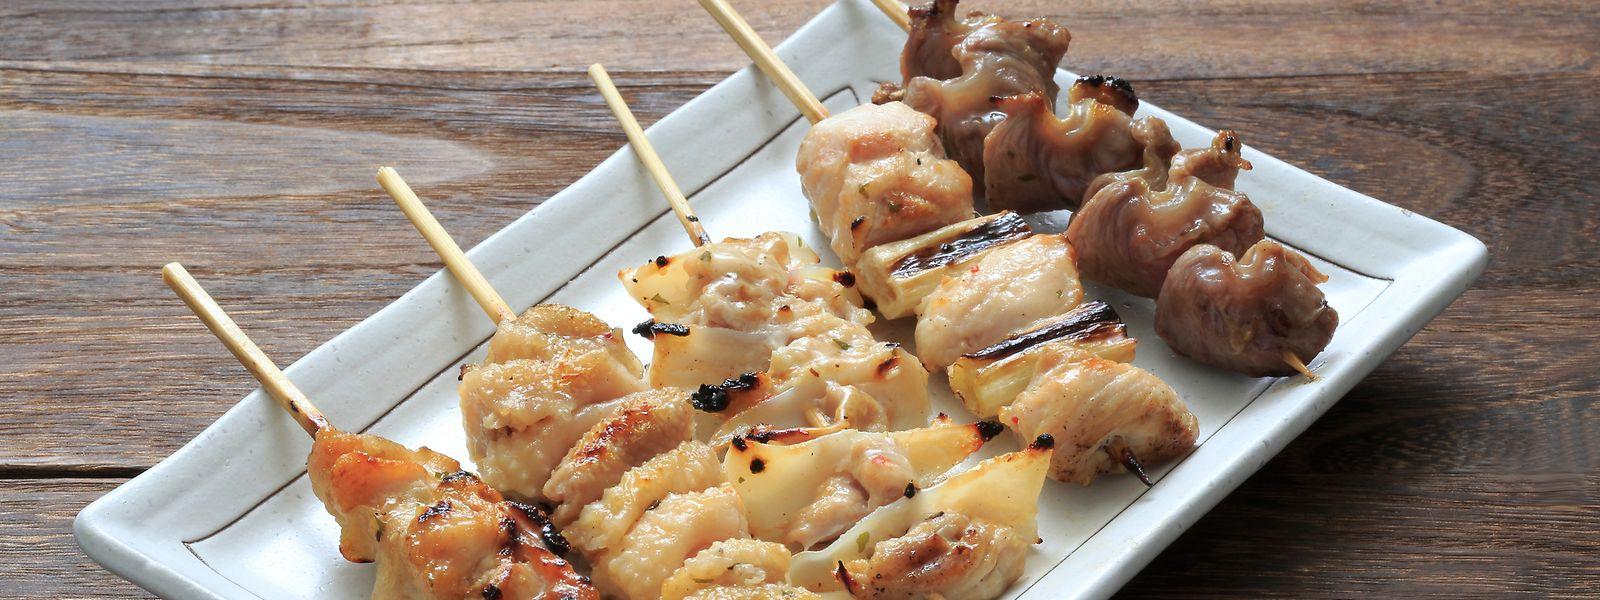 Japanisch grillen bedeutet zwar viel Vorbereitung - dafür sitzen alle zusammen am Tisch, keiner muss alleine am Grill stehen.